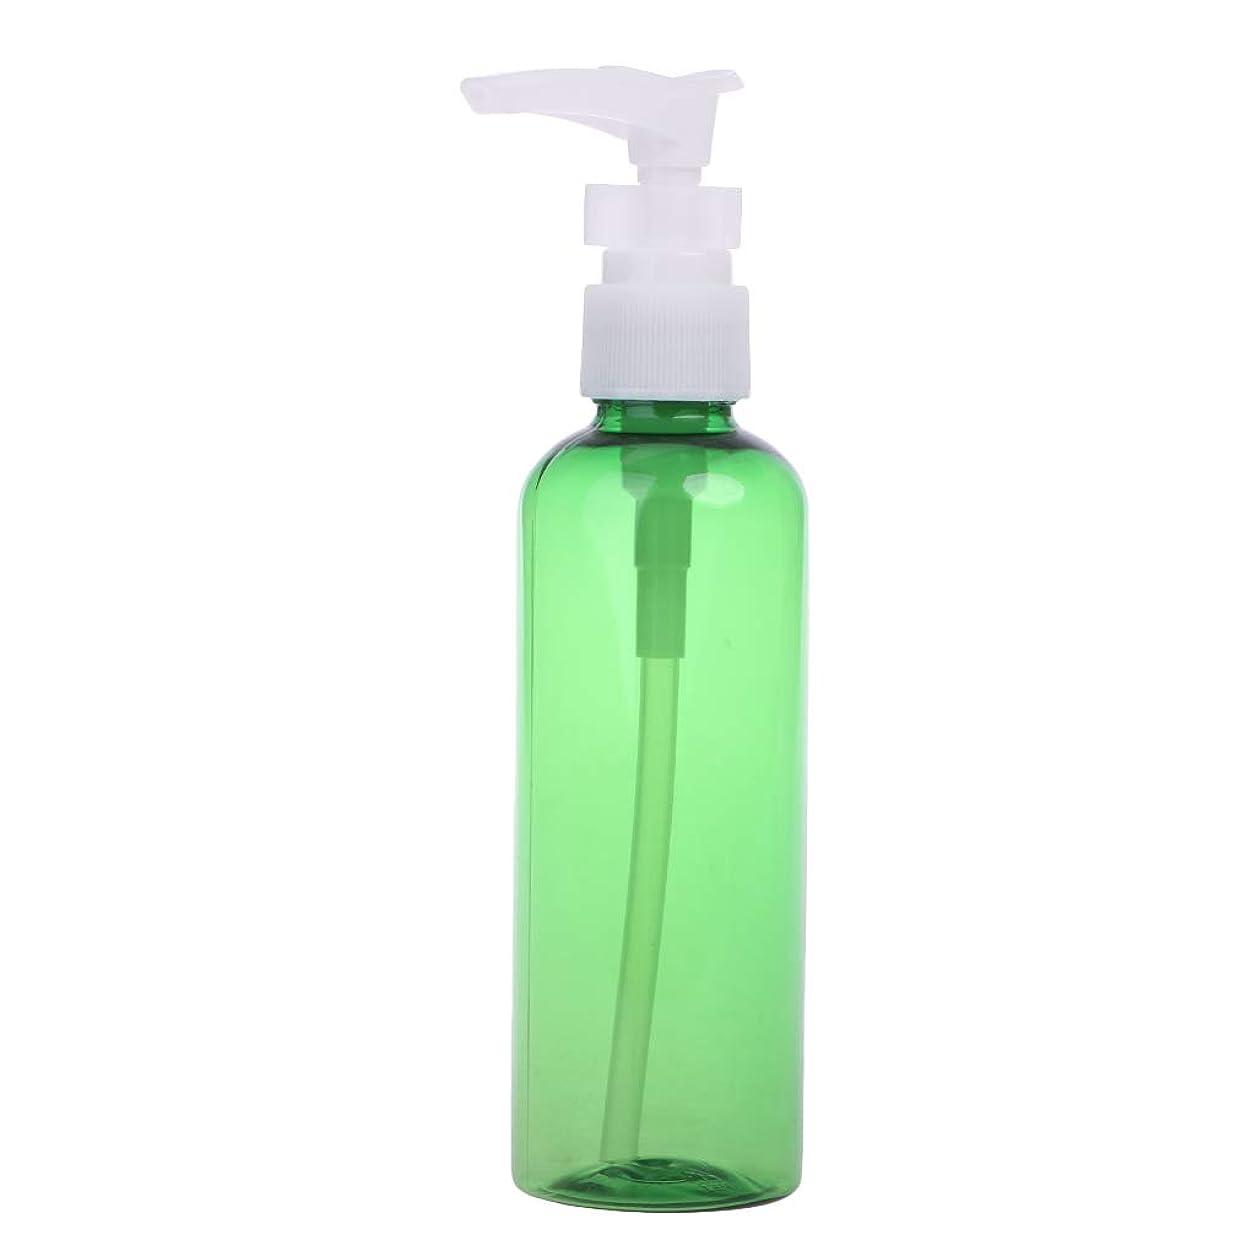 毎週薬用補助Dabixx 1ピース30ミリリットル - 100ミリリットル石鹸シャンプーローション泡水プラスチックプレスポンプスプレーボトル - 深緑 - 100ML